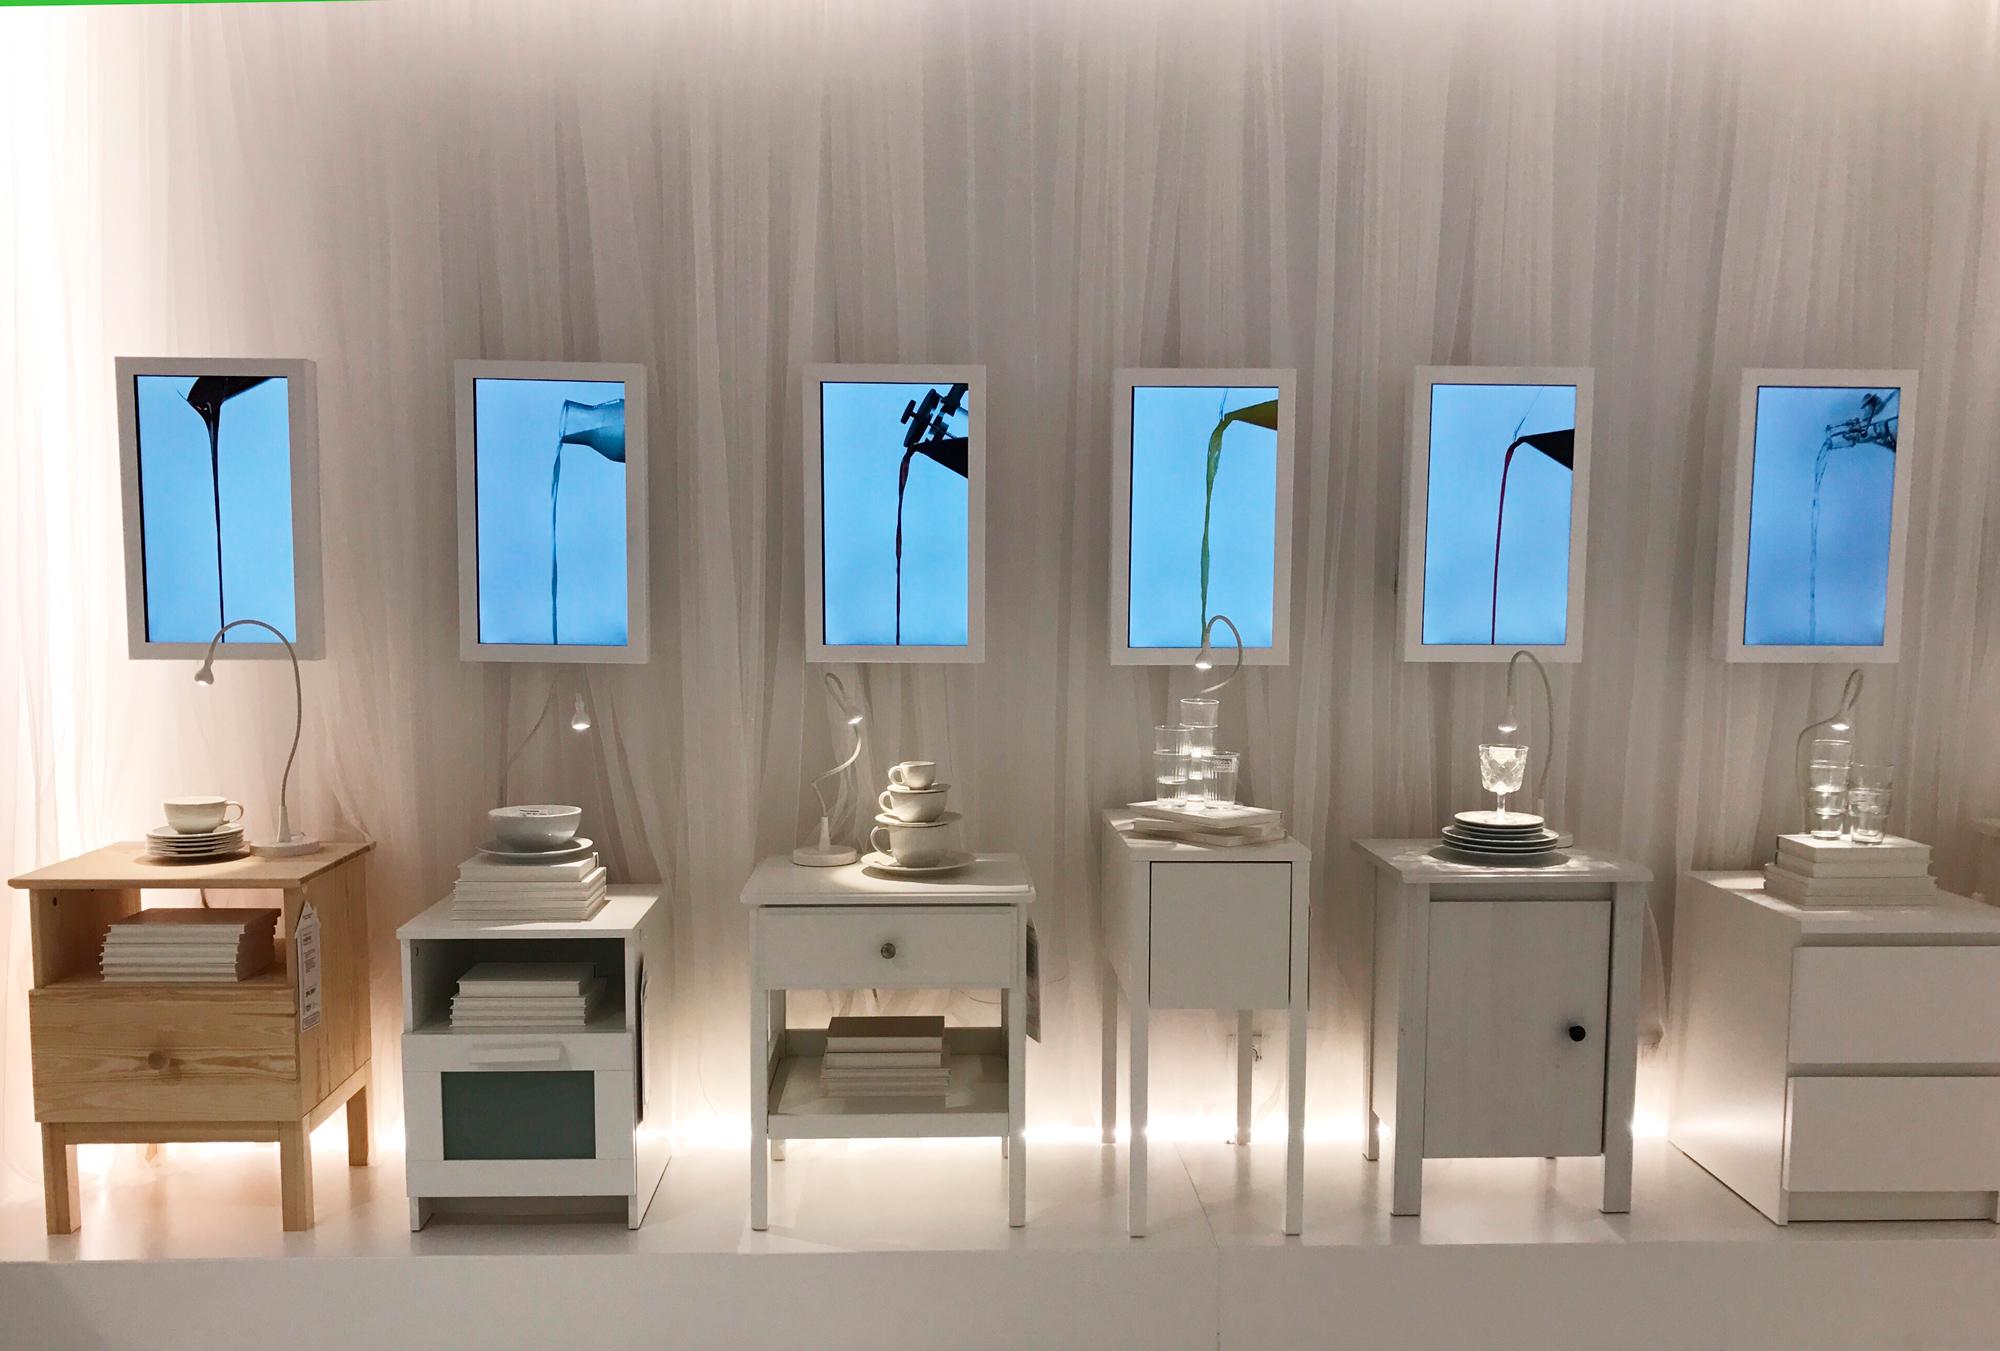 Ikea abre en madrid una tienda ef mera dedicada al dormitorio - Ikea serrano temporary dormitorios madrid ...